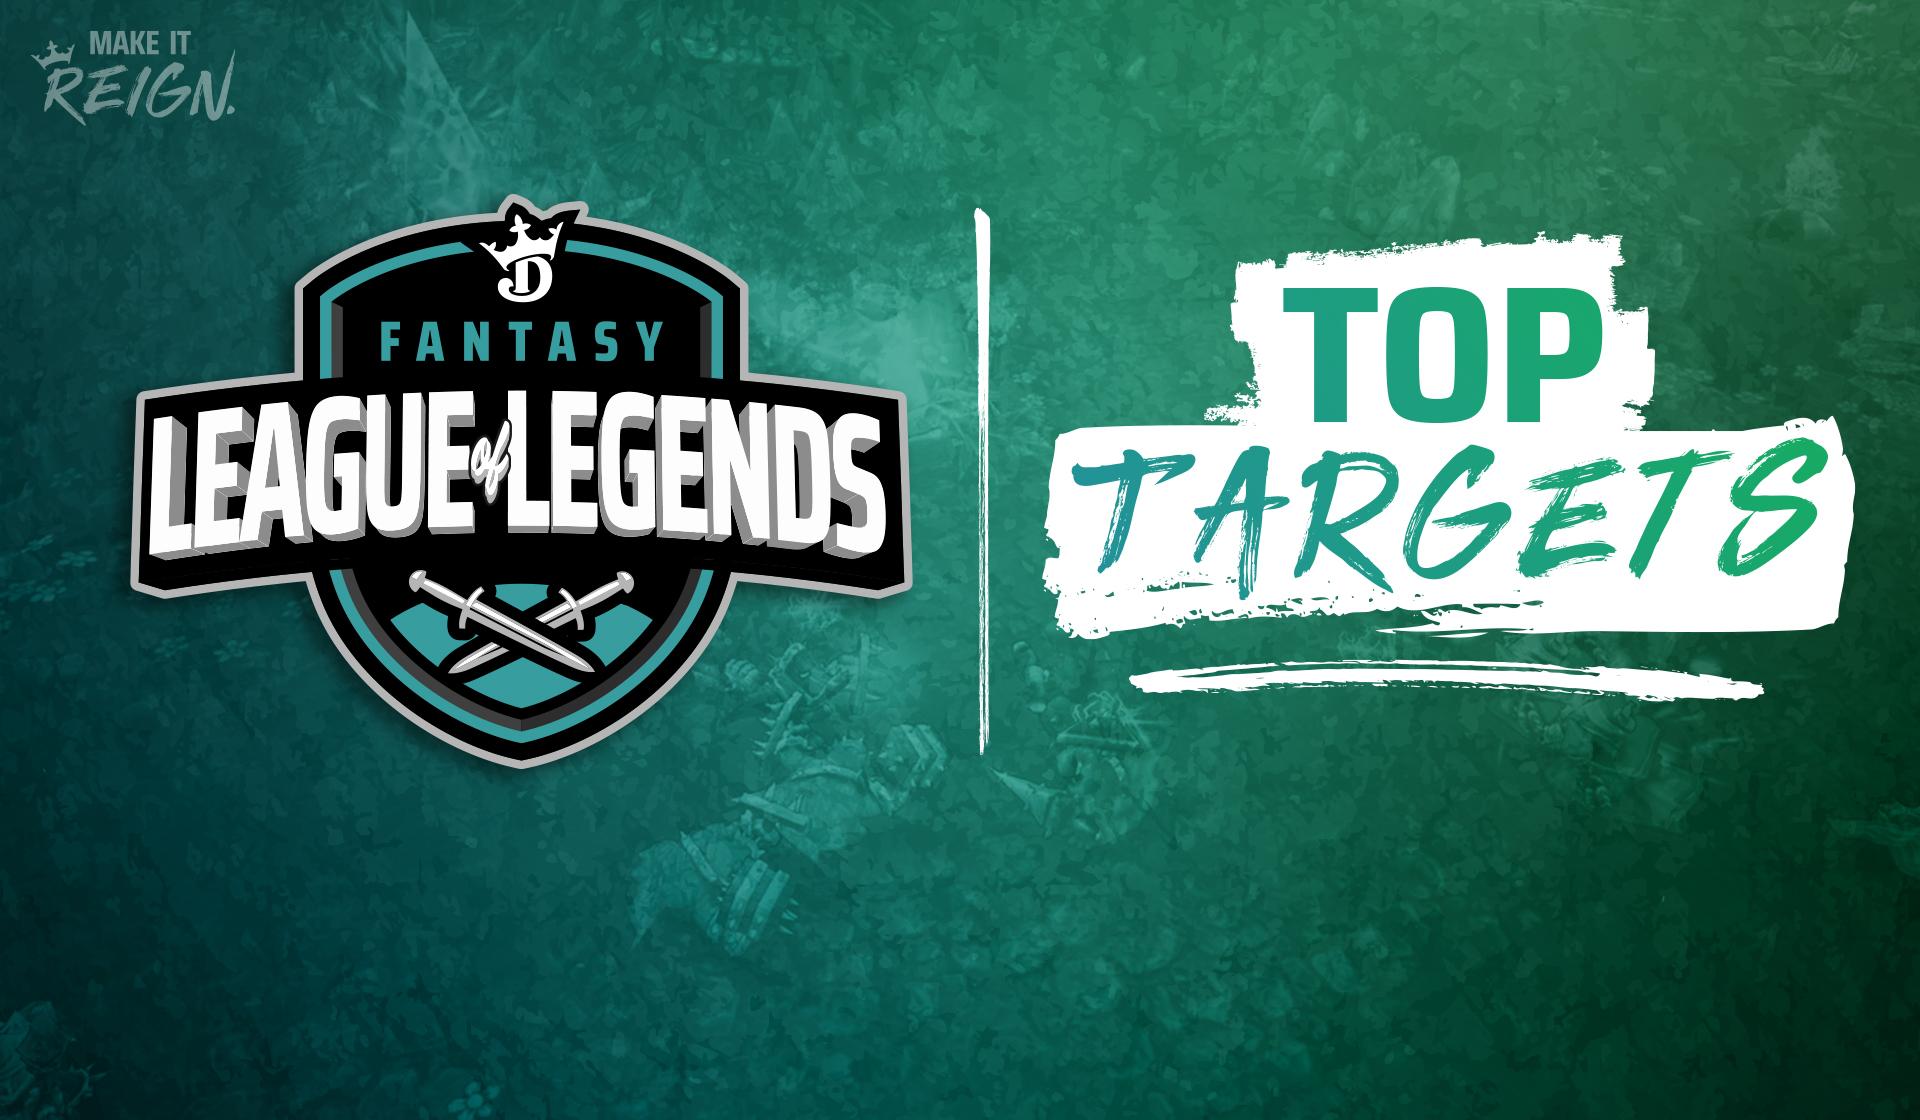 League of Legends green